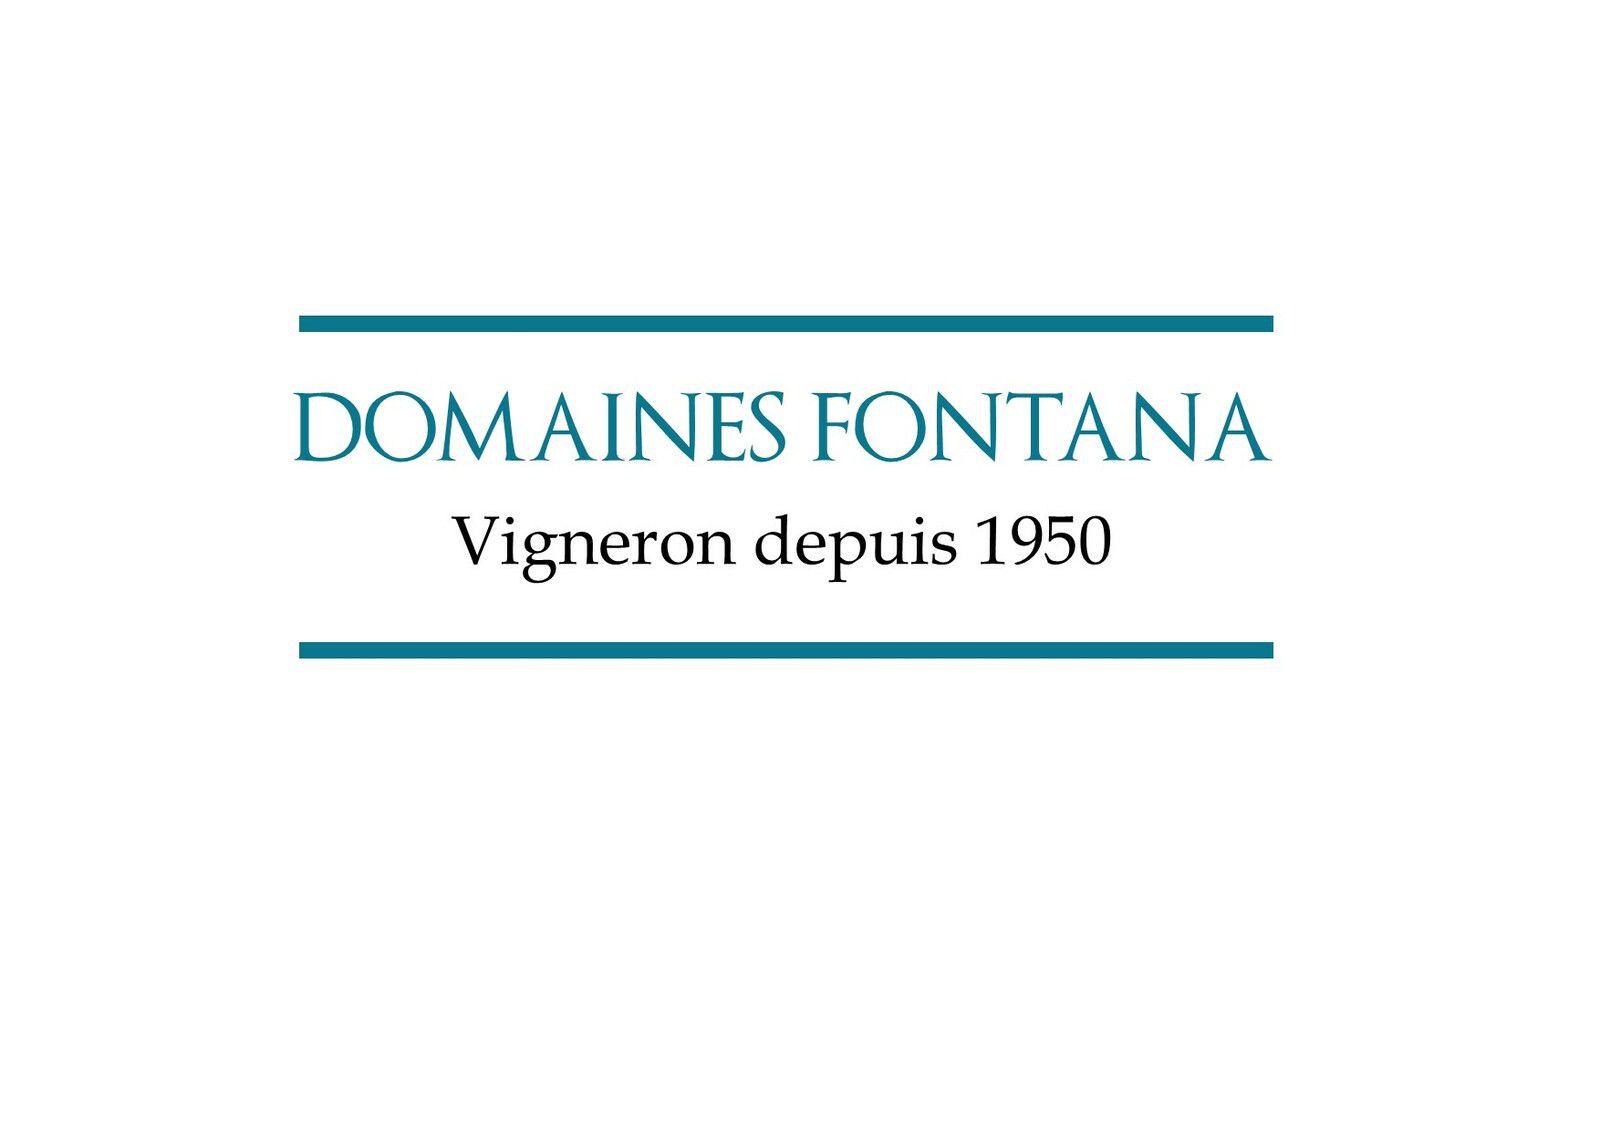 Domaines Fontana à Gensac : Une belle histoire qui se perpétue depuis 1950